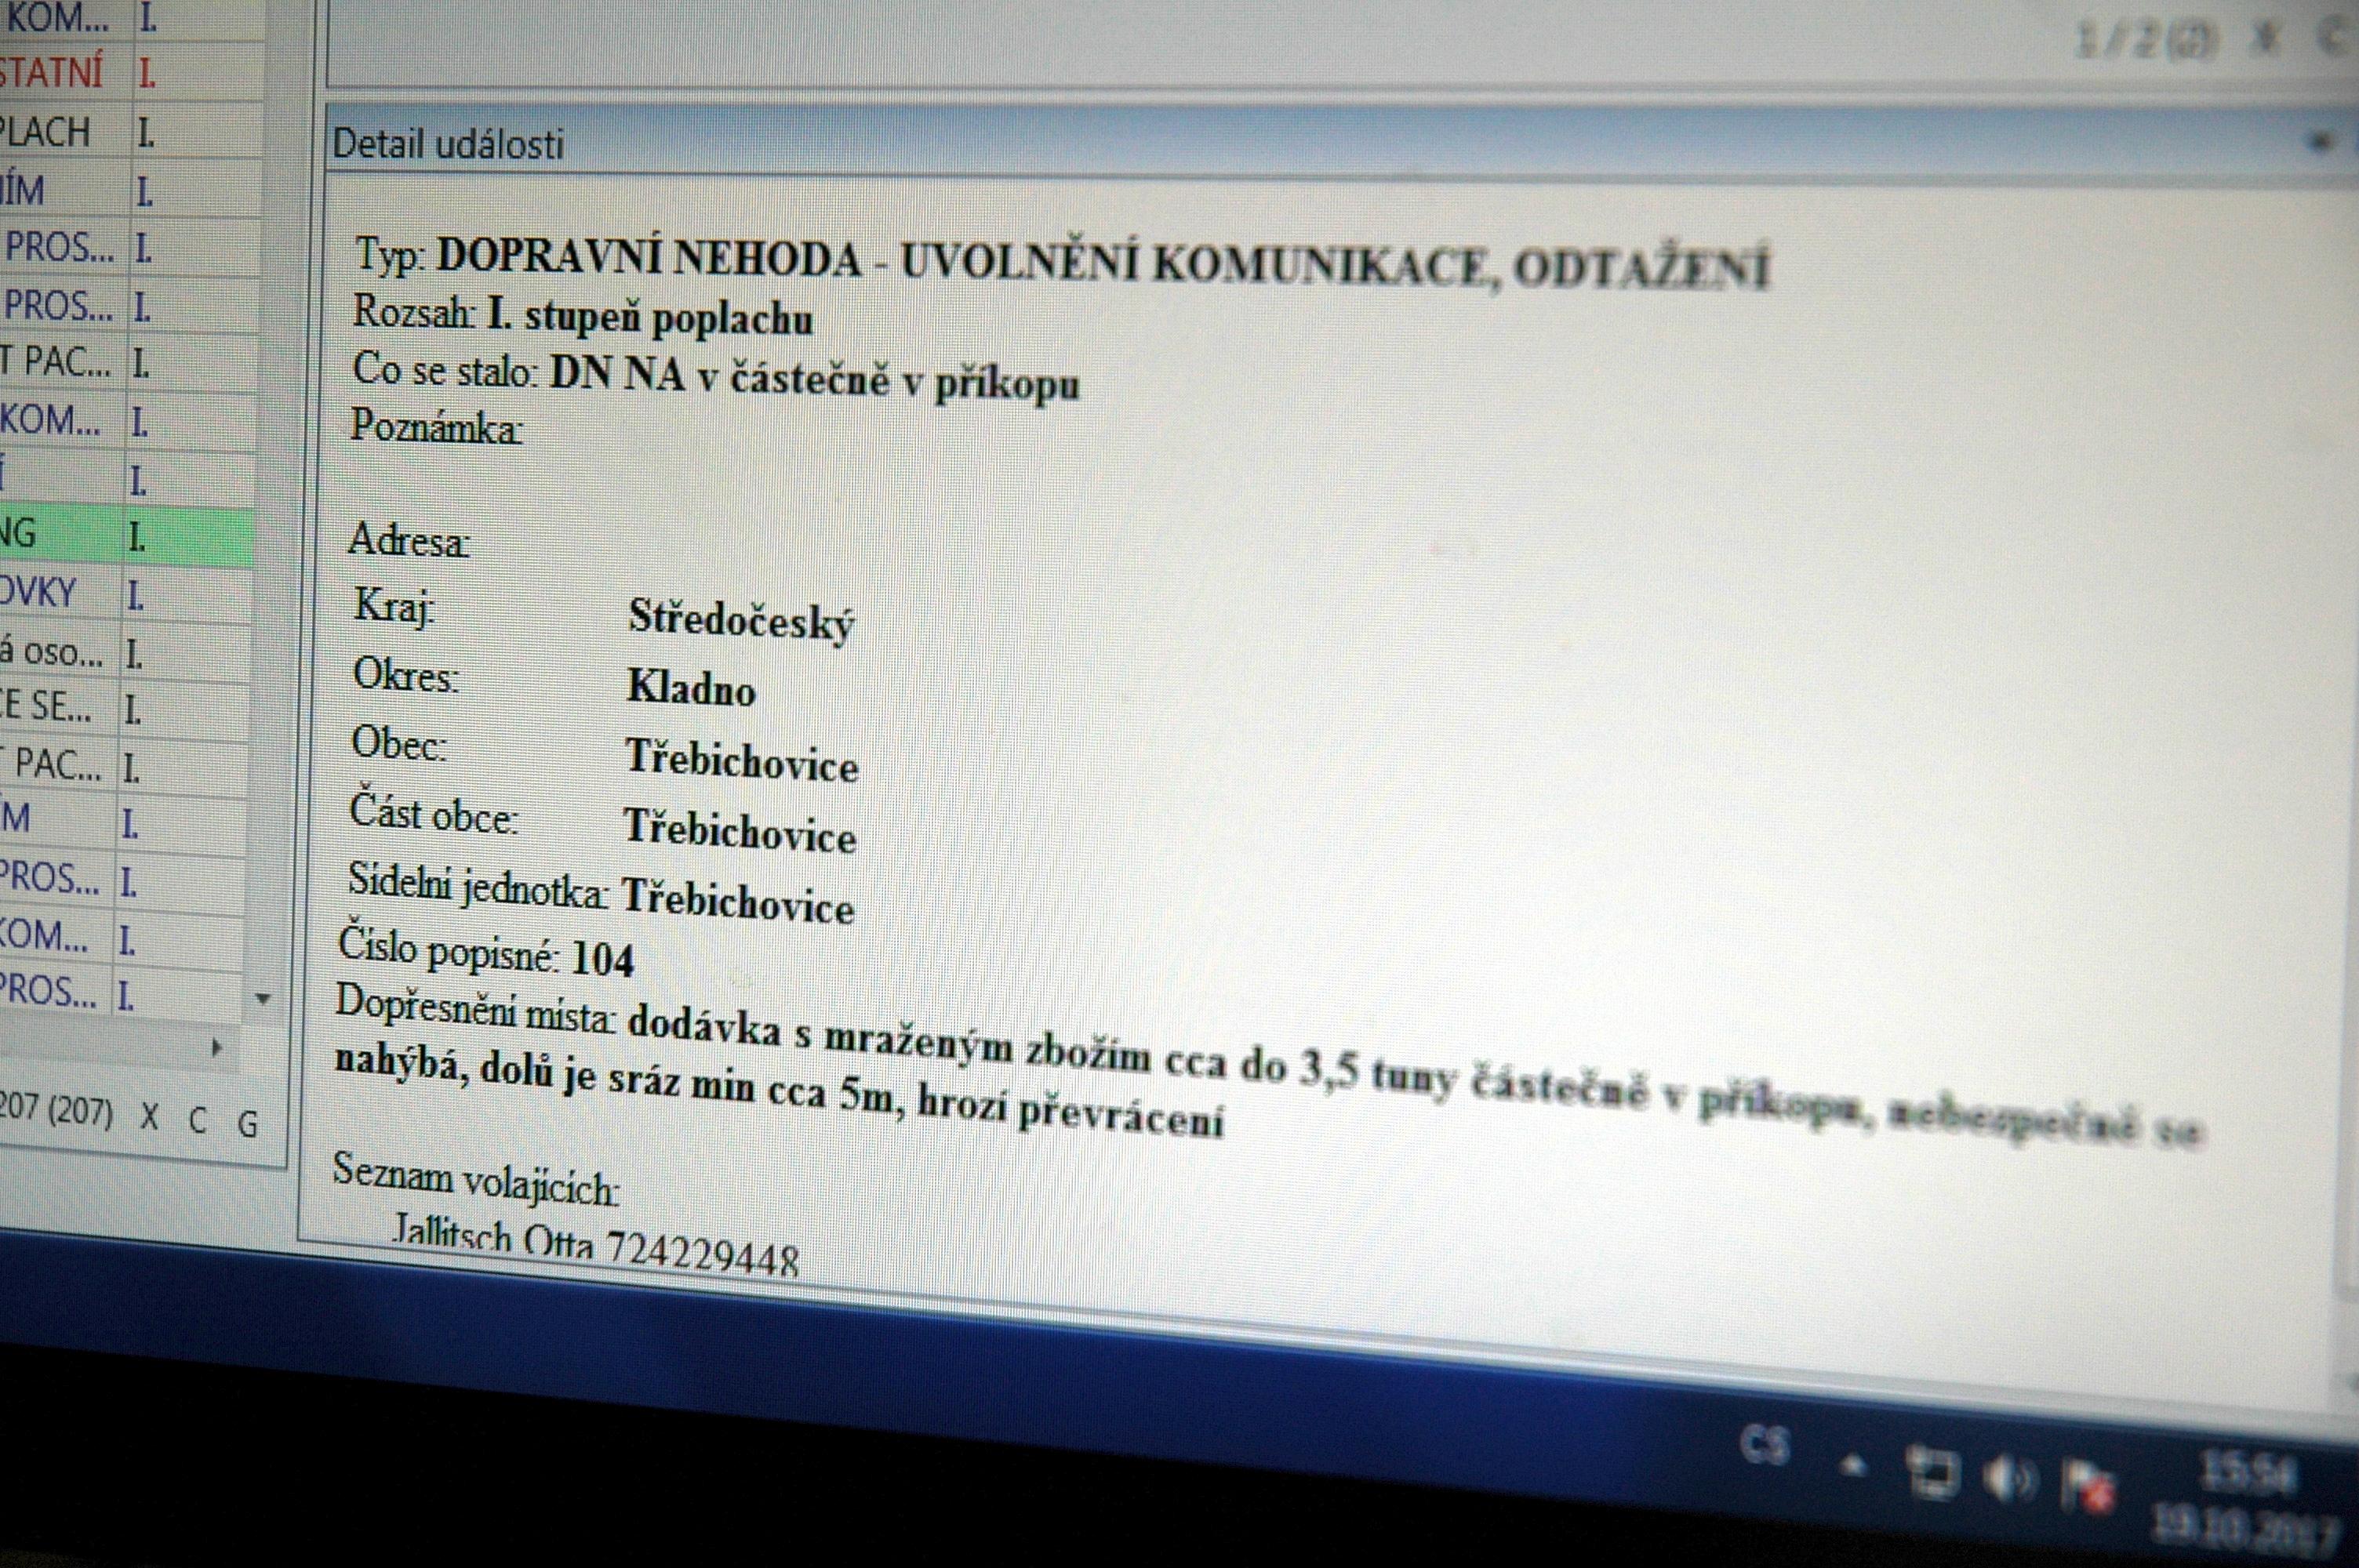 Zobrazení na infopanelu v garážích hasičů   Foto: HZS Středočeského kraje